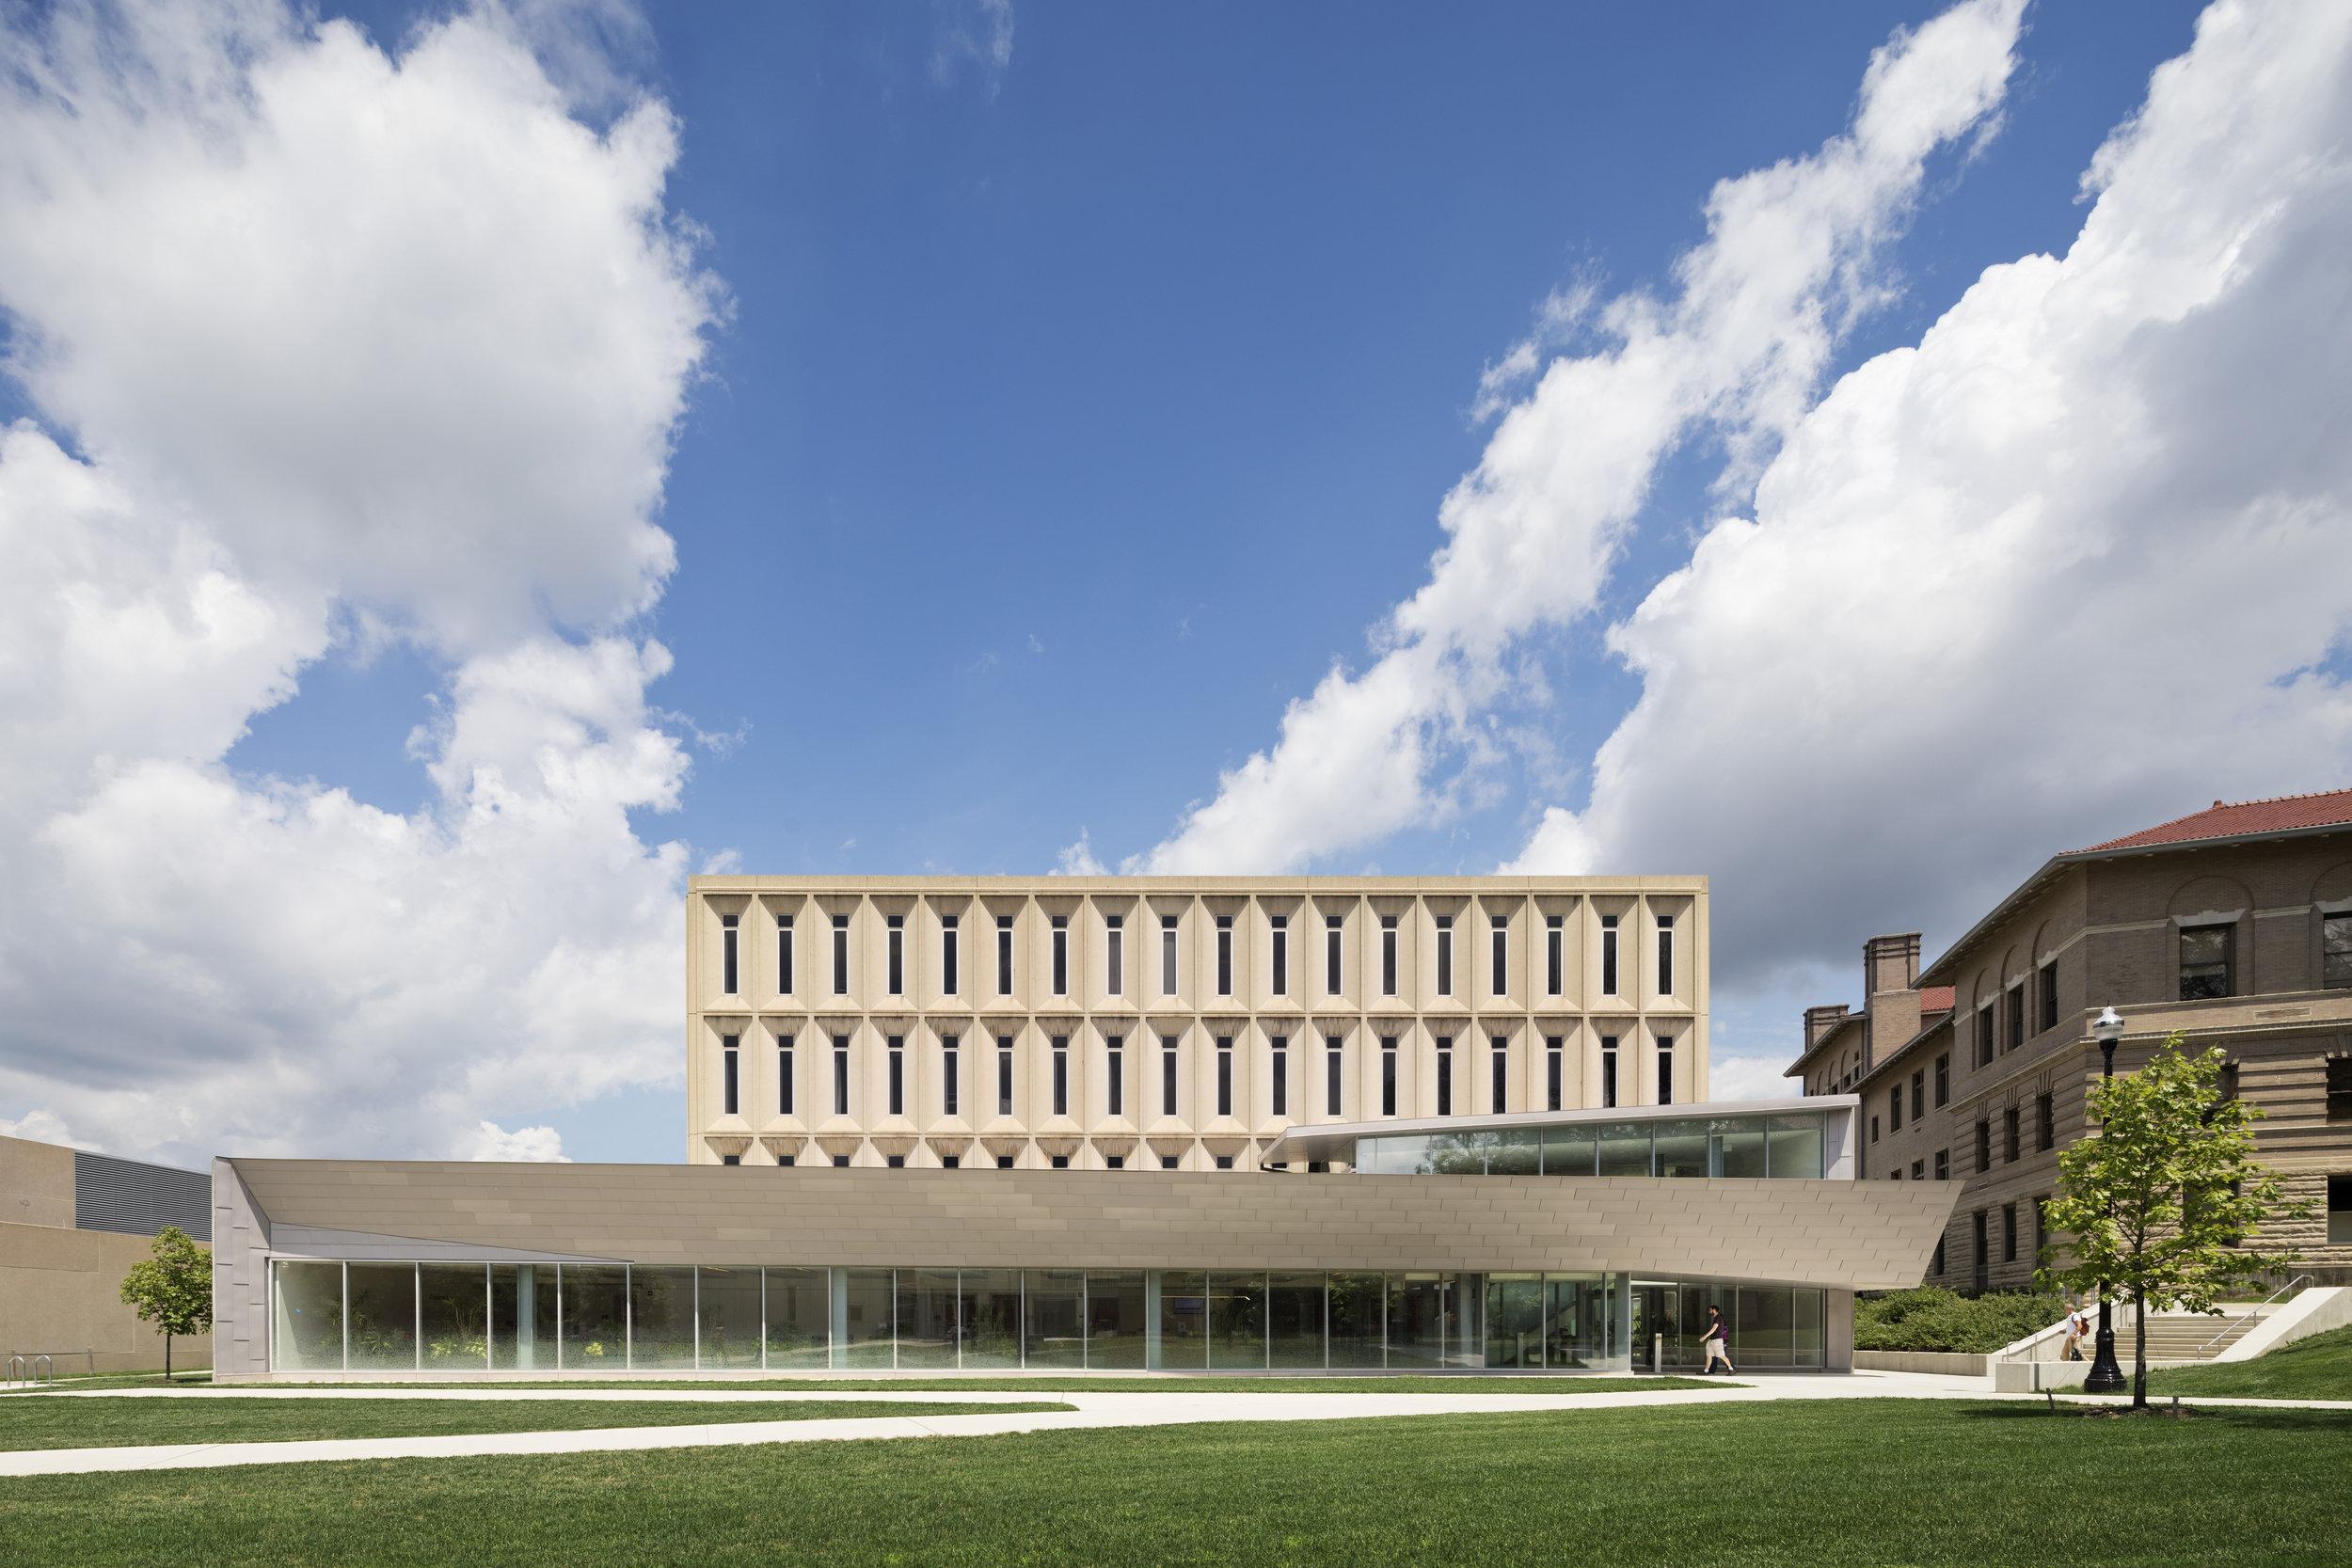 OSU Wilce Student Health Center